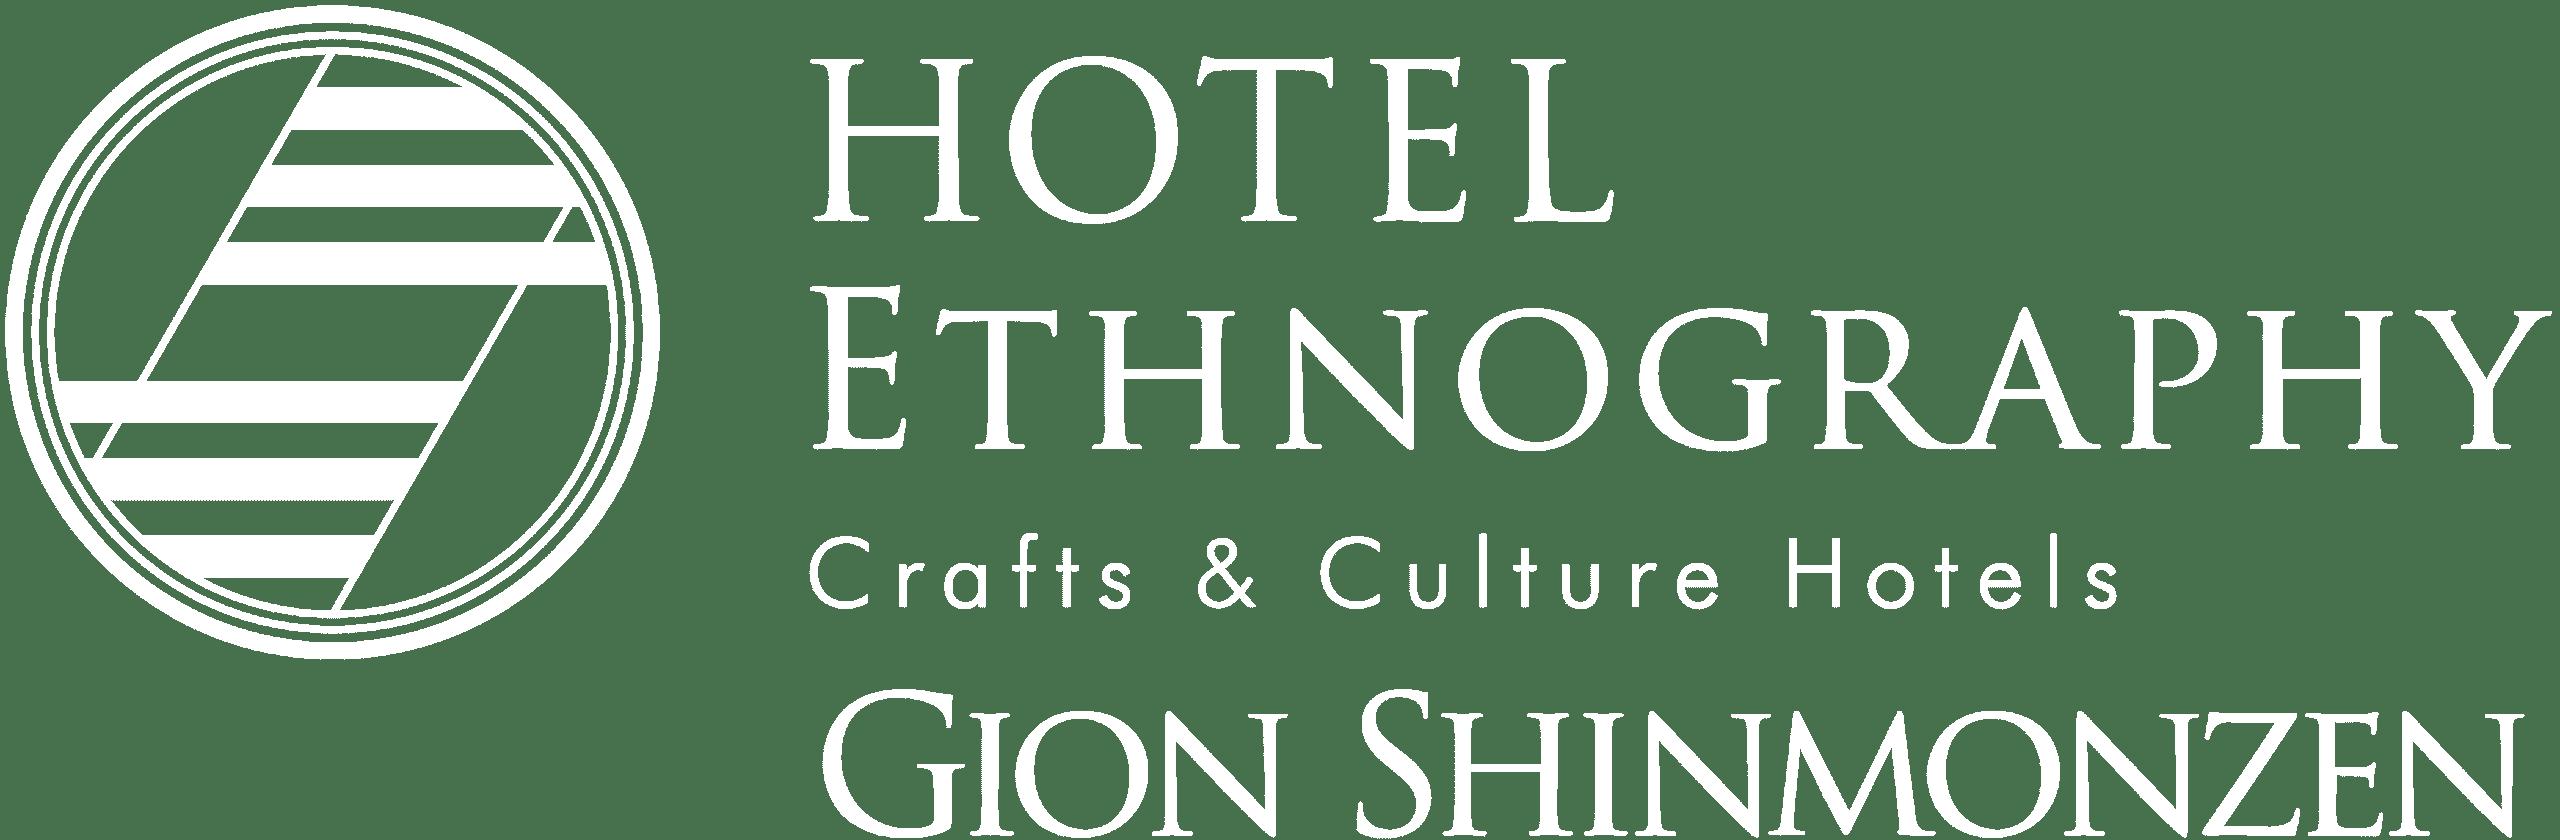 Hotel Ethnography Gion Shinmonzen logo white